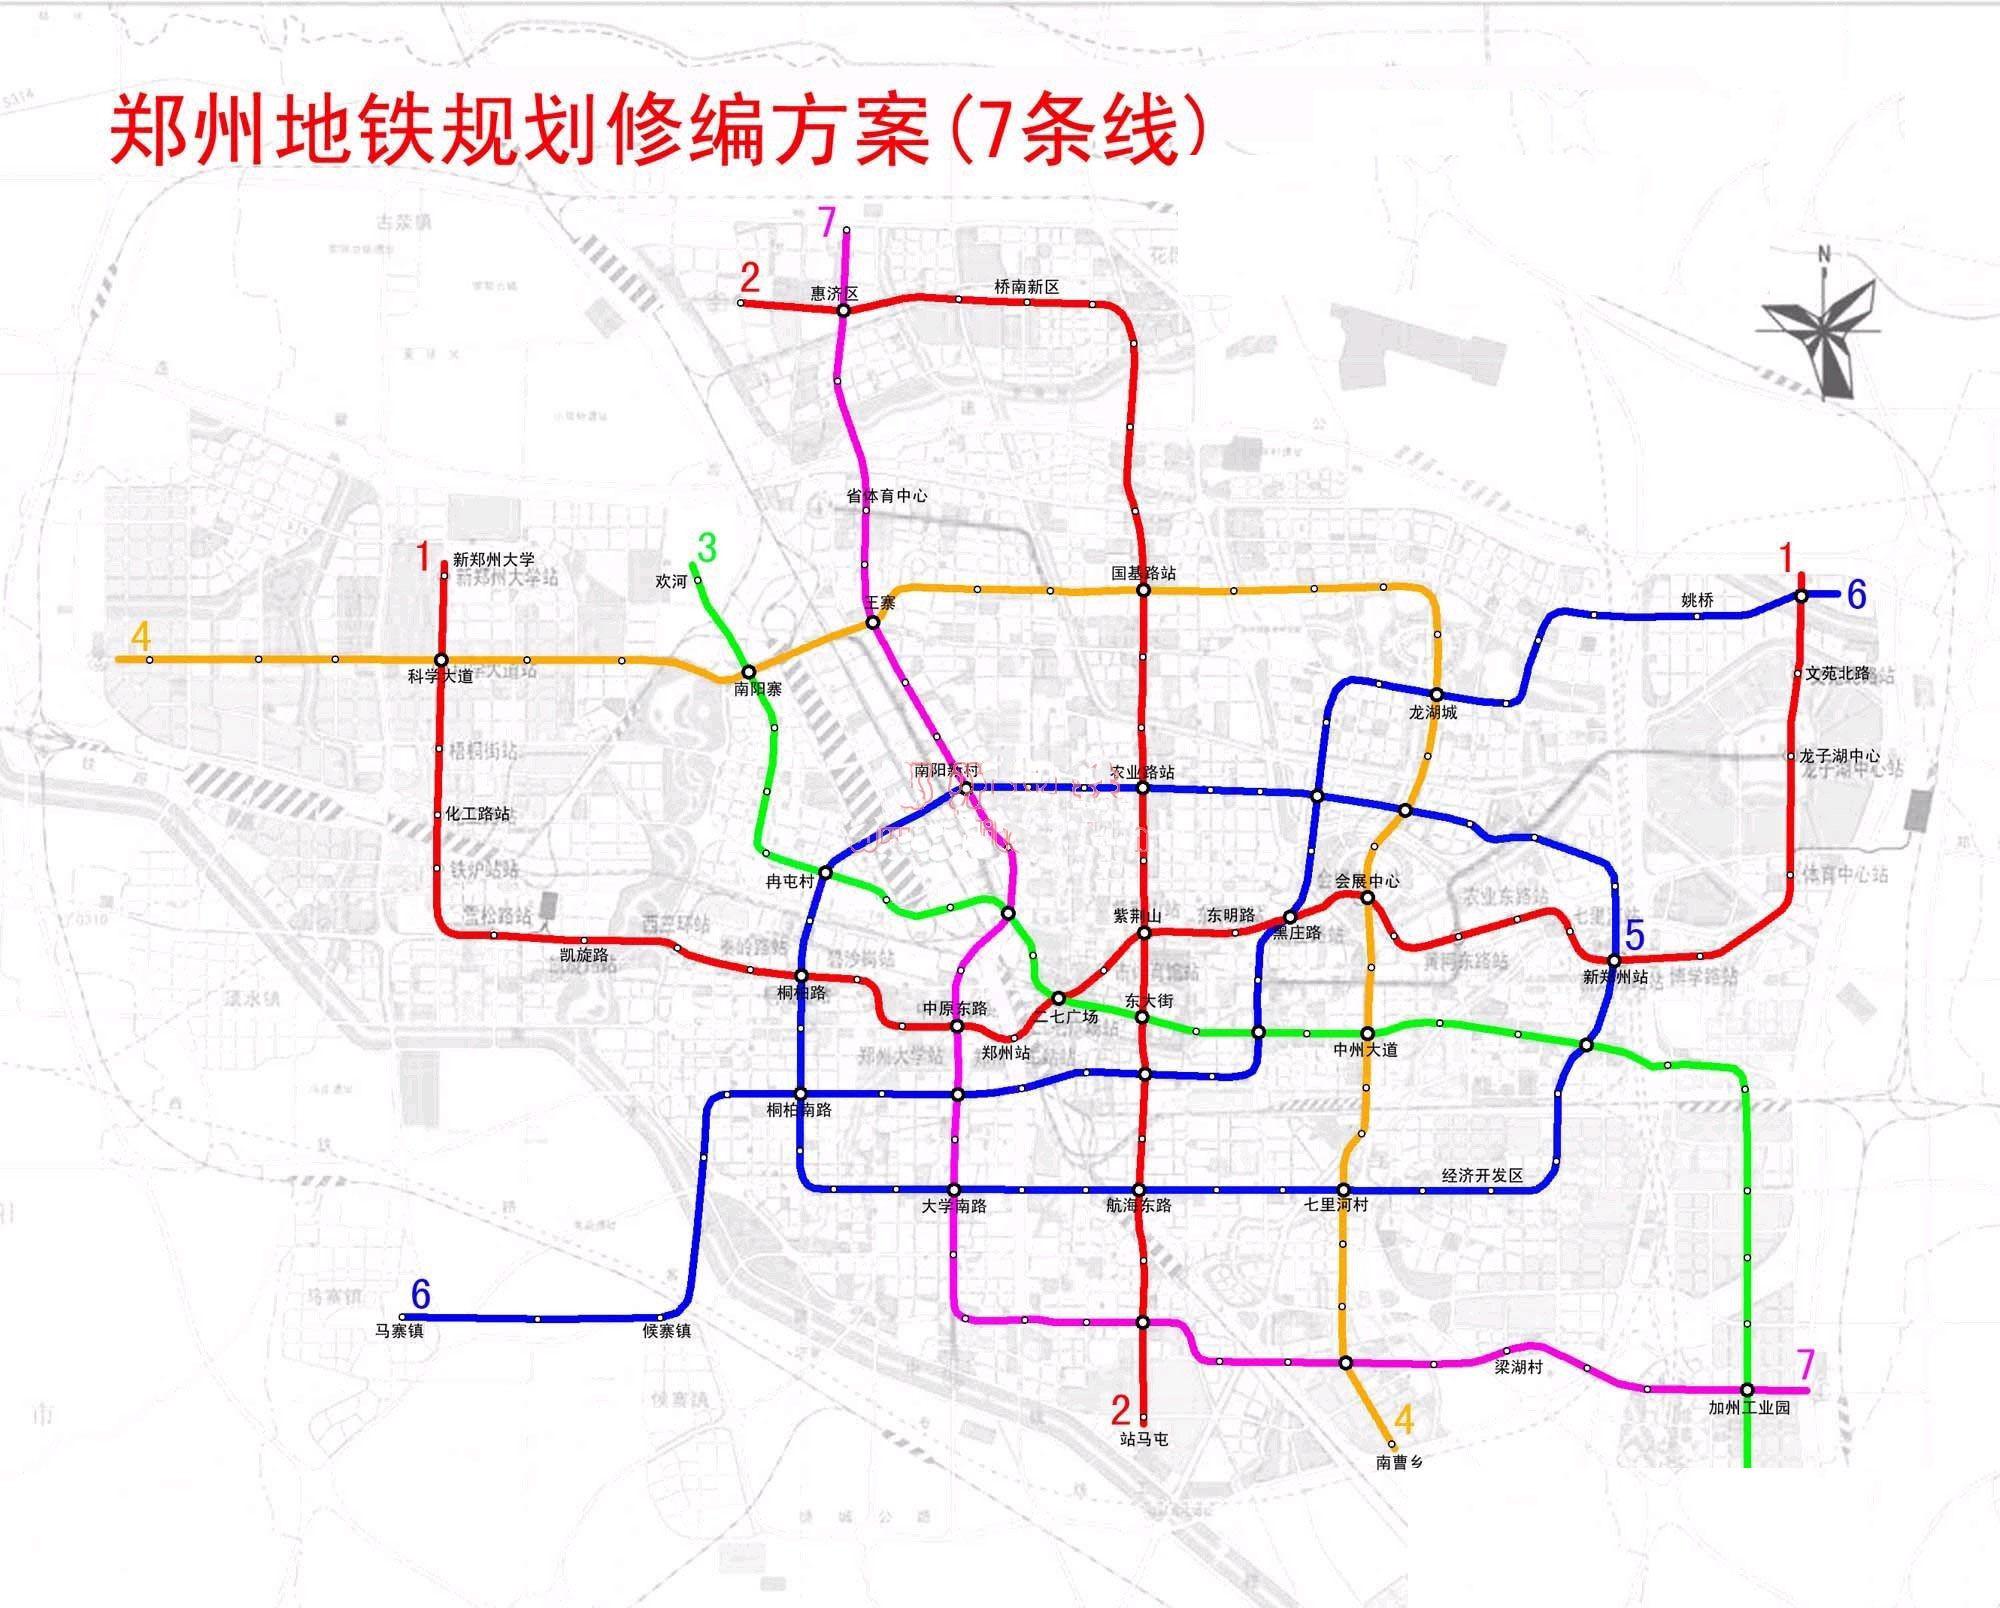 地铁 一 号线郑州地铁 一 号线地图 天津地铁二 号线 沿线楼盘扫描 北图片